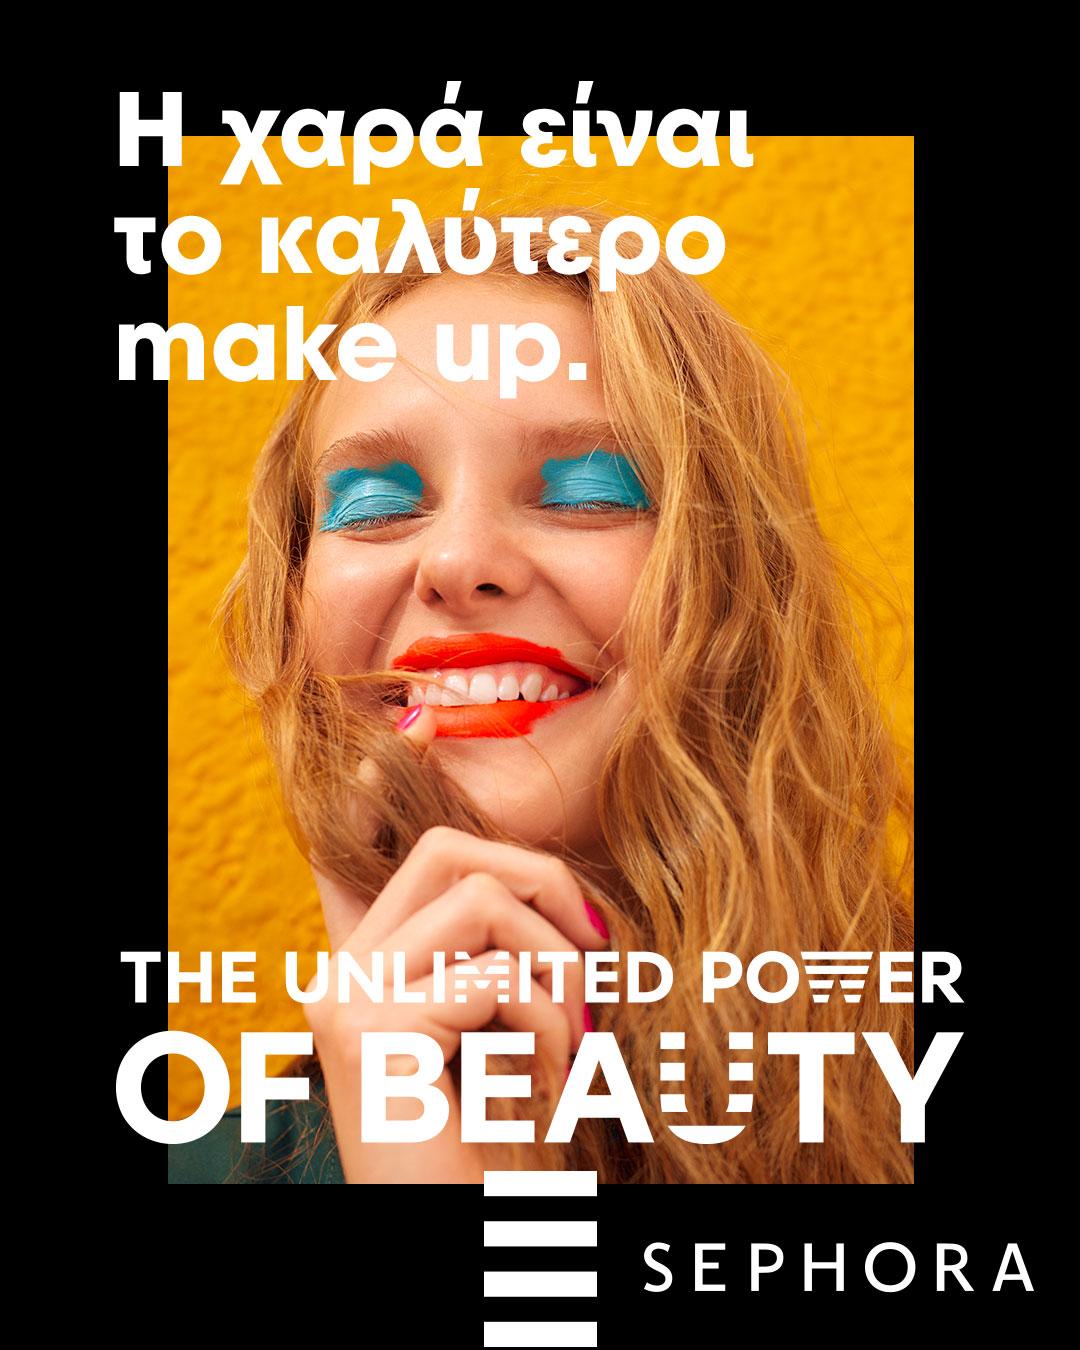 H Sephora γιορτάζει την ομορφιά με το πιο συγκινητικό βίντεο! Πρέπει να το δεις!